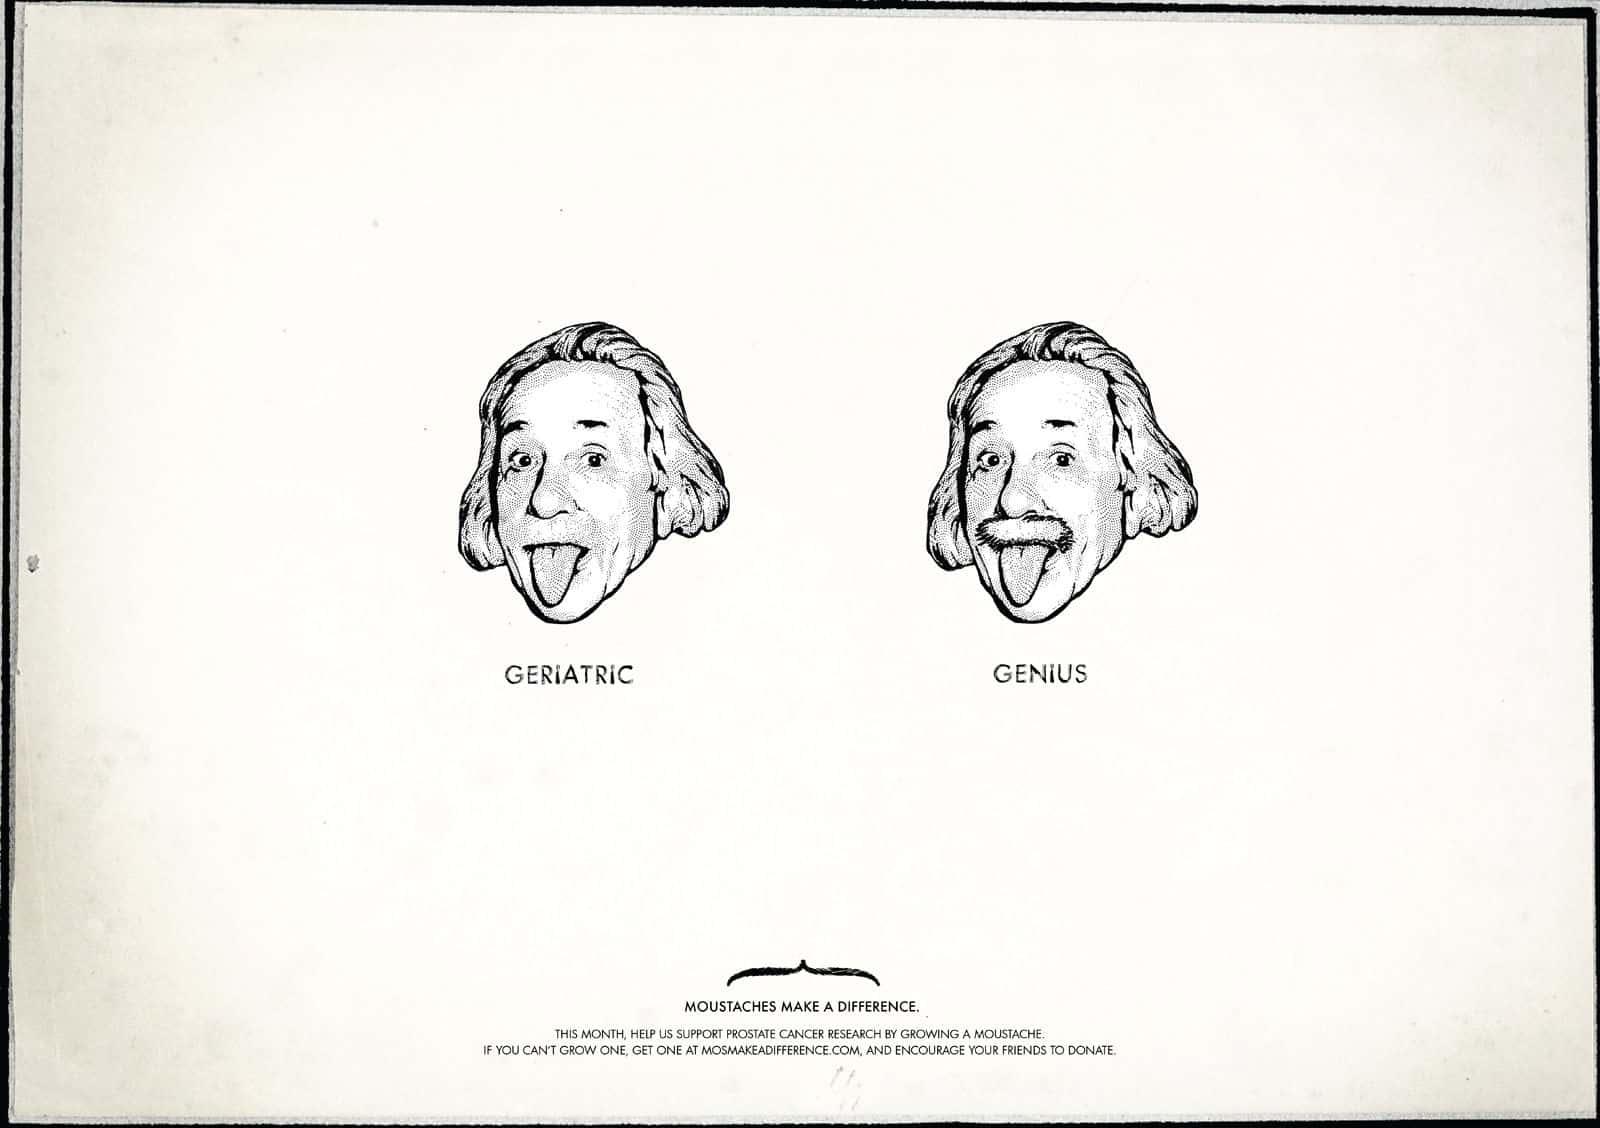 Moustaches-Make-A-Difference-Albert-Einstein